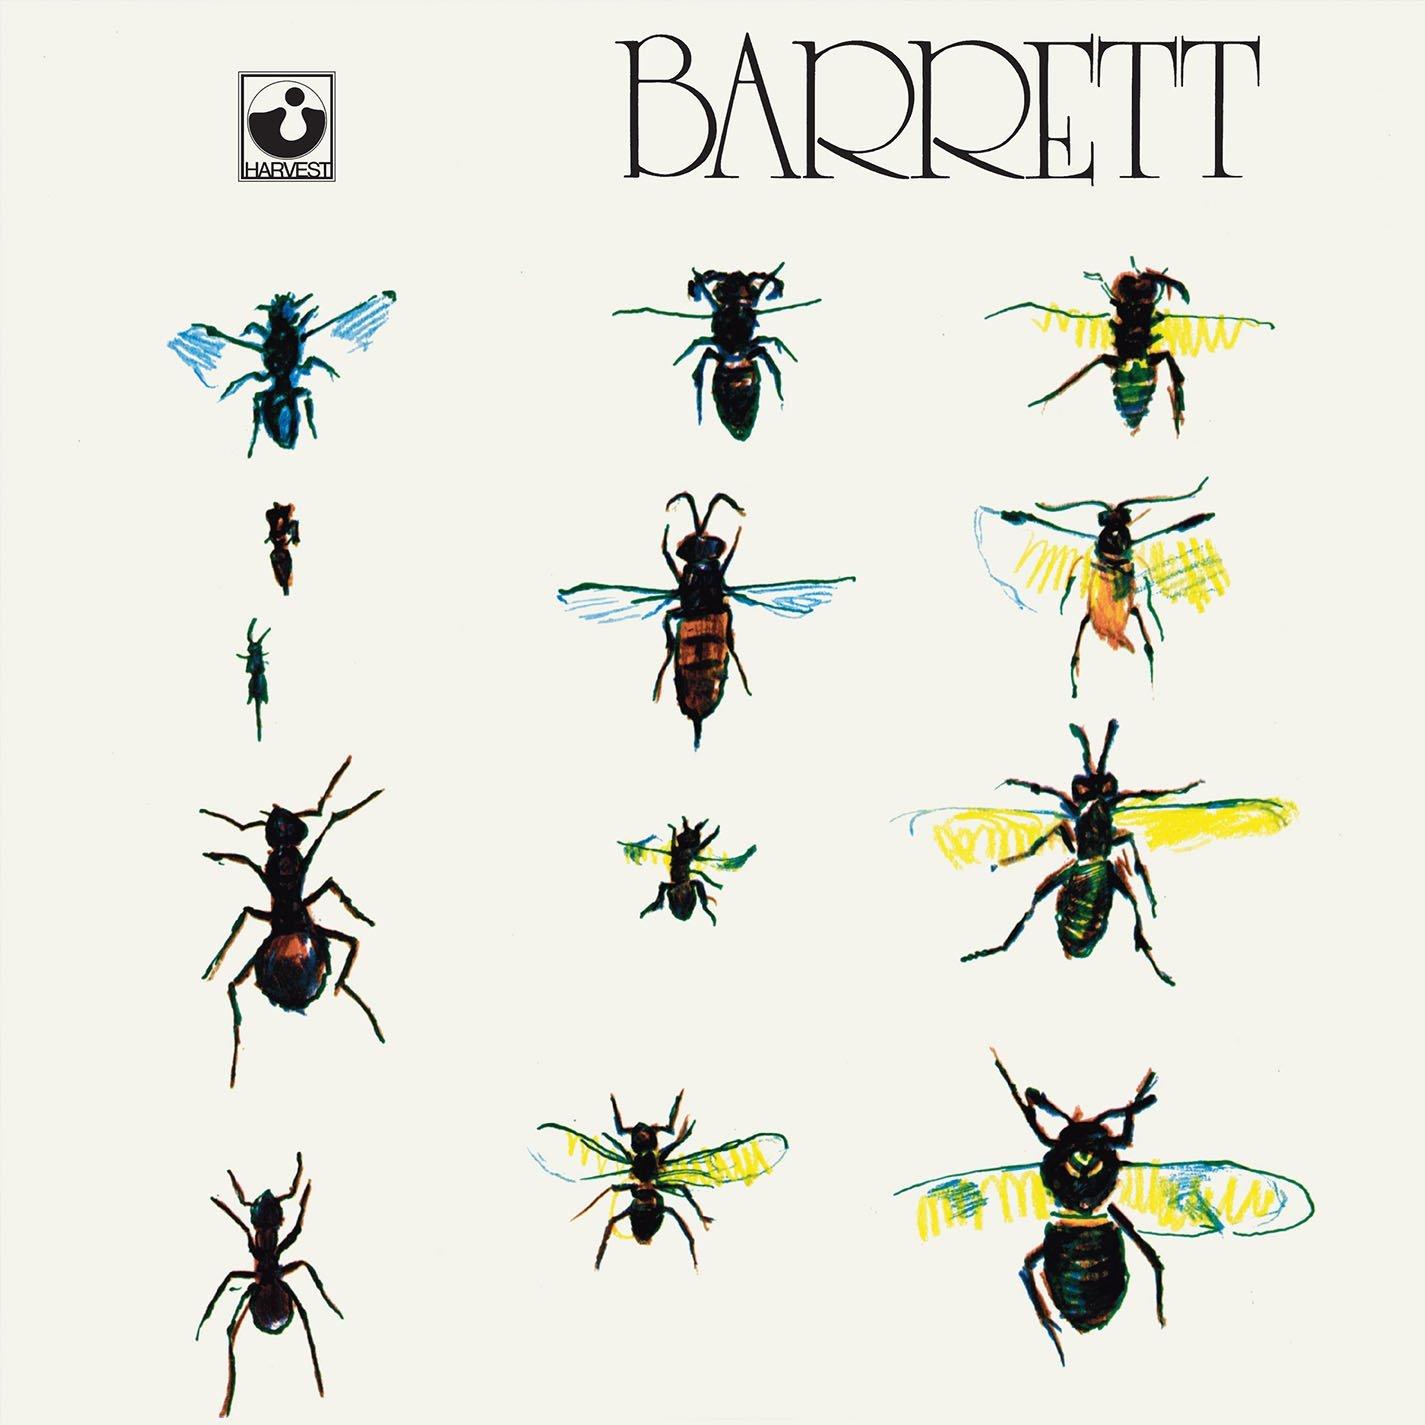 Copertina Disco Vinile 33 giri Barret di Syd Barrett